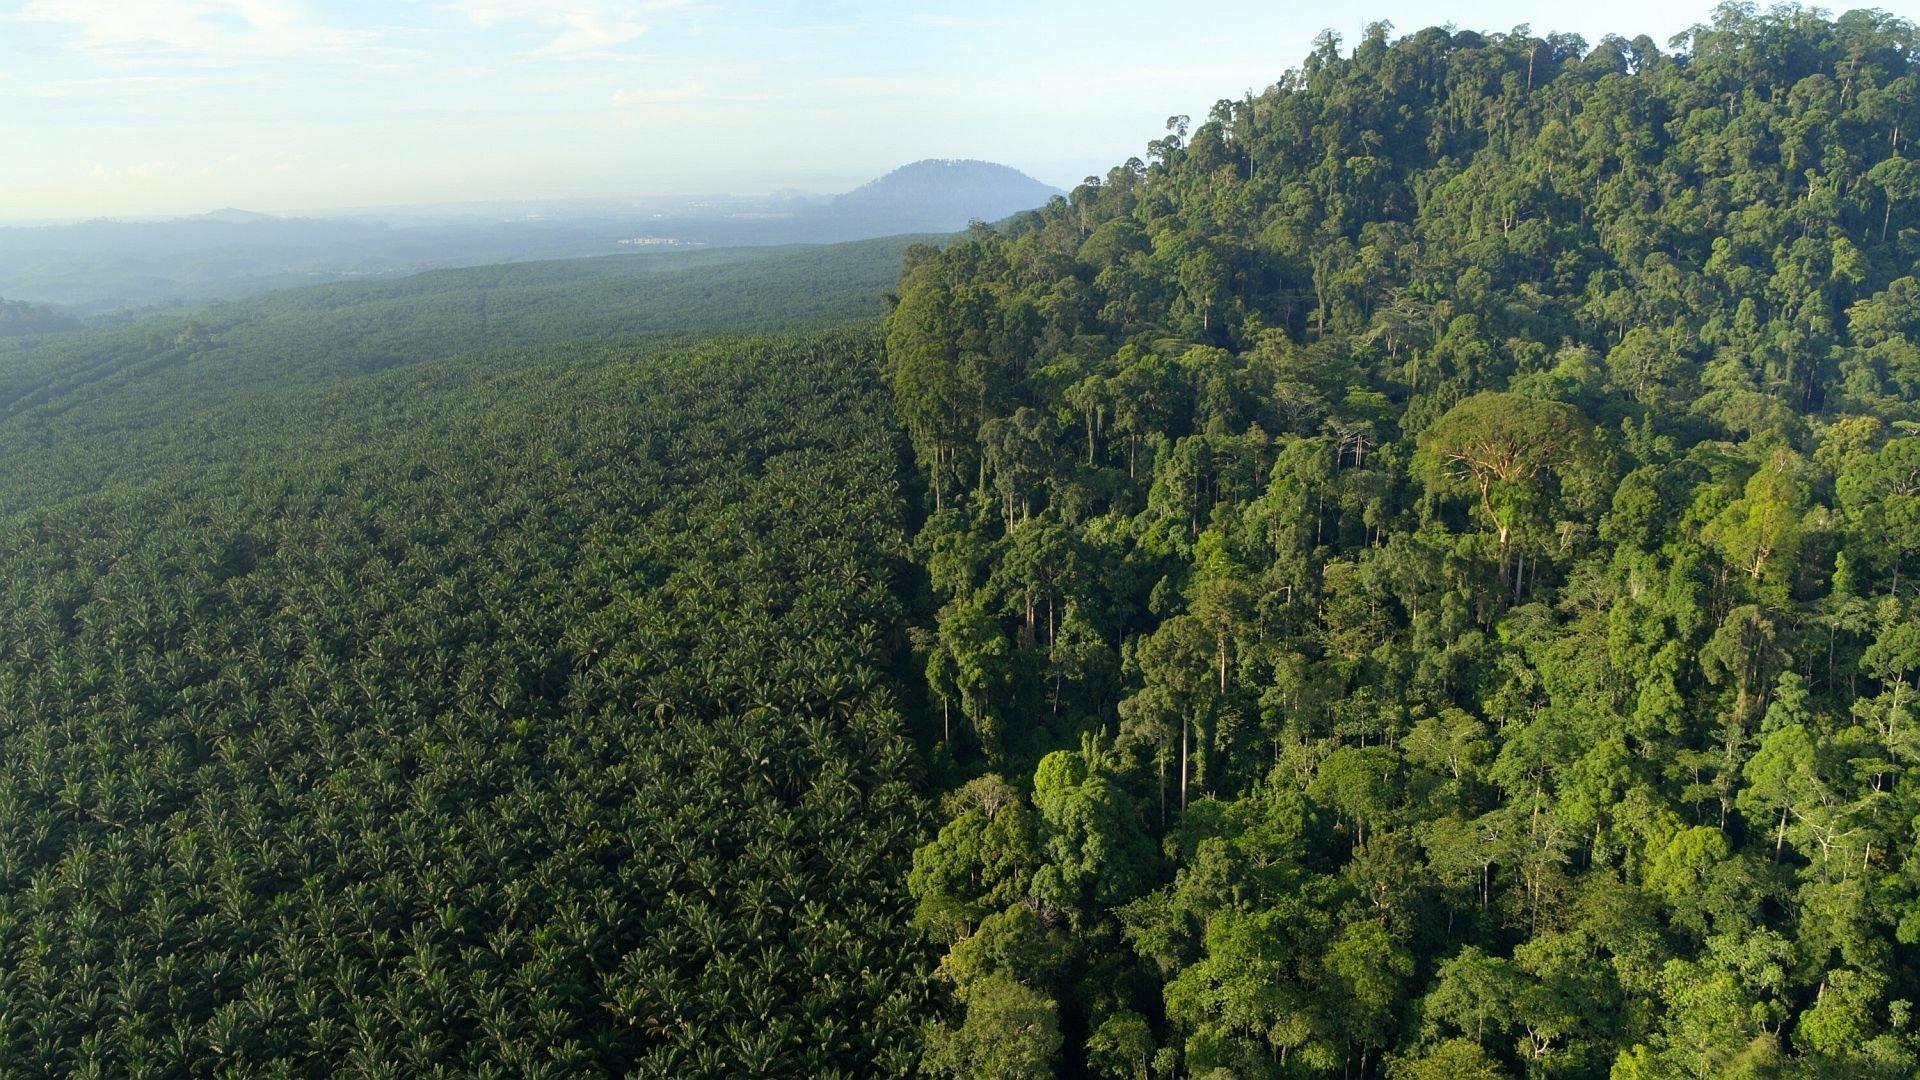 In der linken Bildhälfte ist eine Palmölmonokultur zu sehen, rechts der wuchernde Urwald